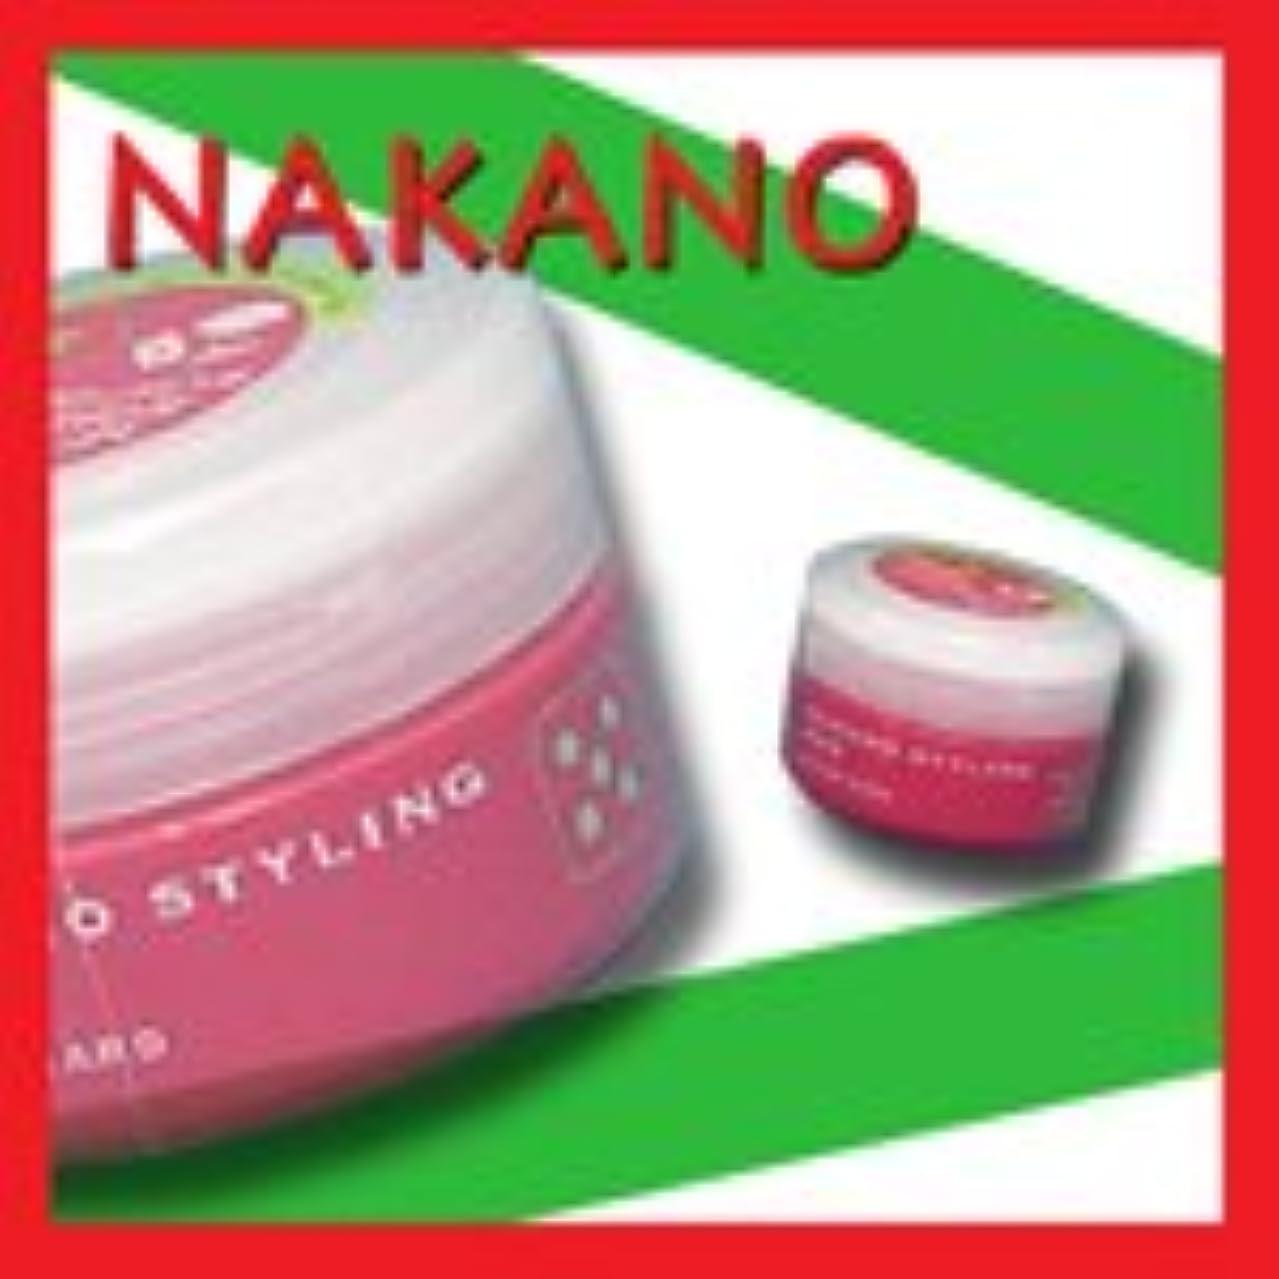 形状花リア王NAKANO ナカノ WAX no5 (NAKANO ナカノ スタイリング ワックス)